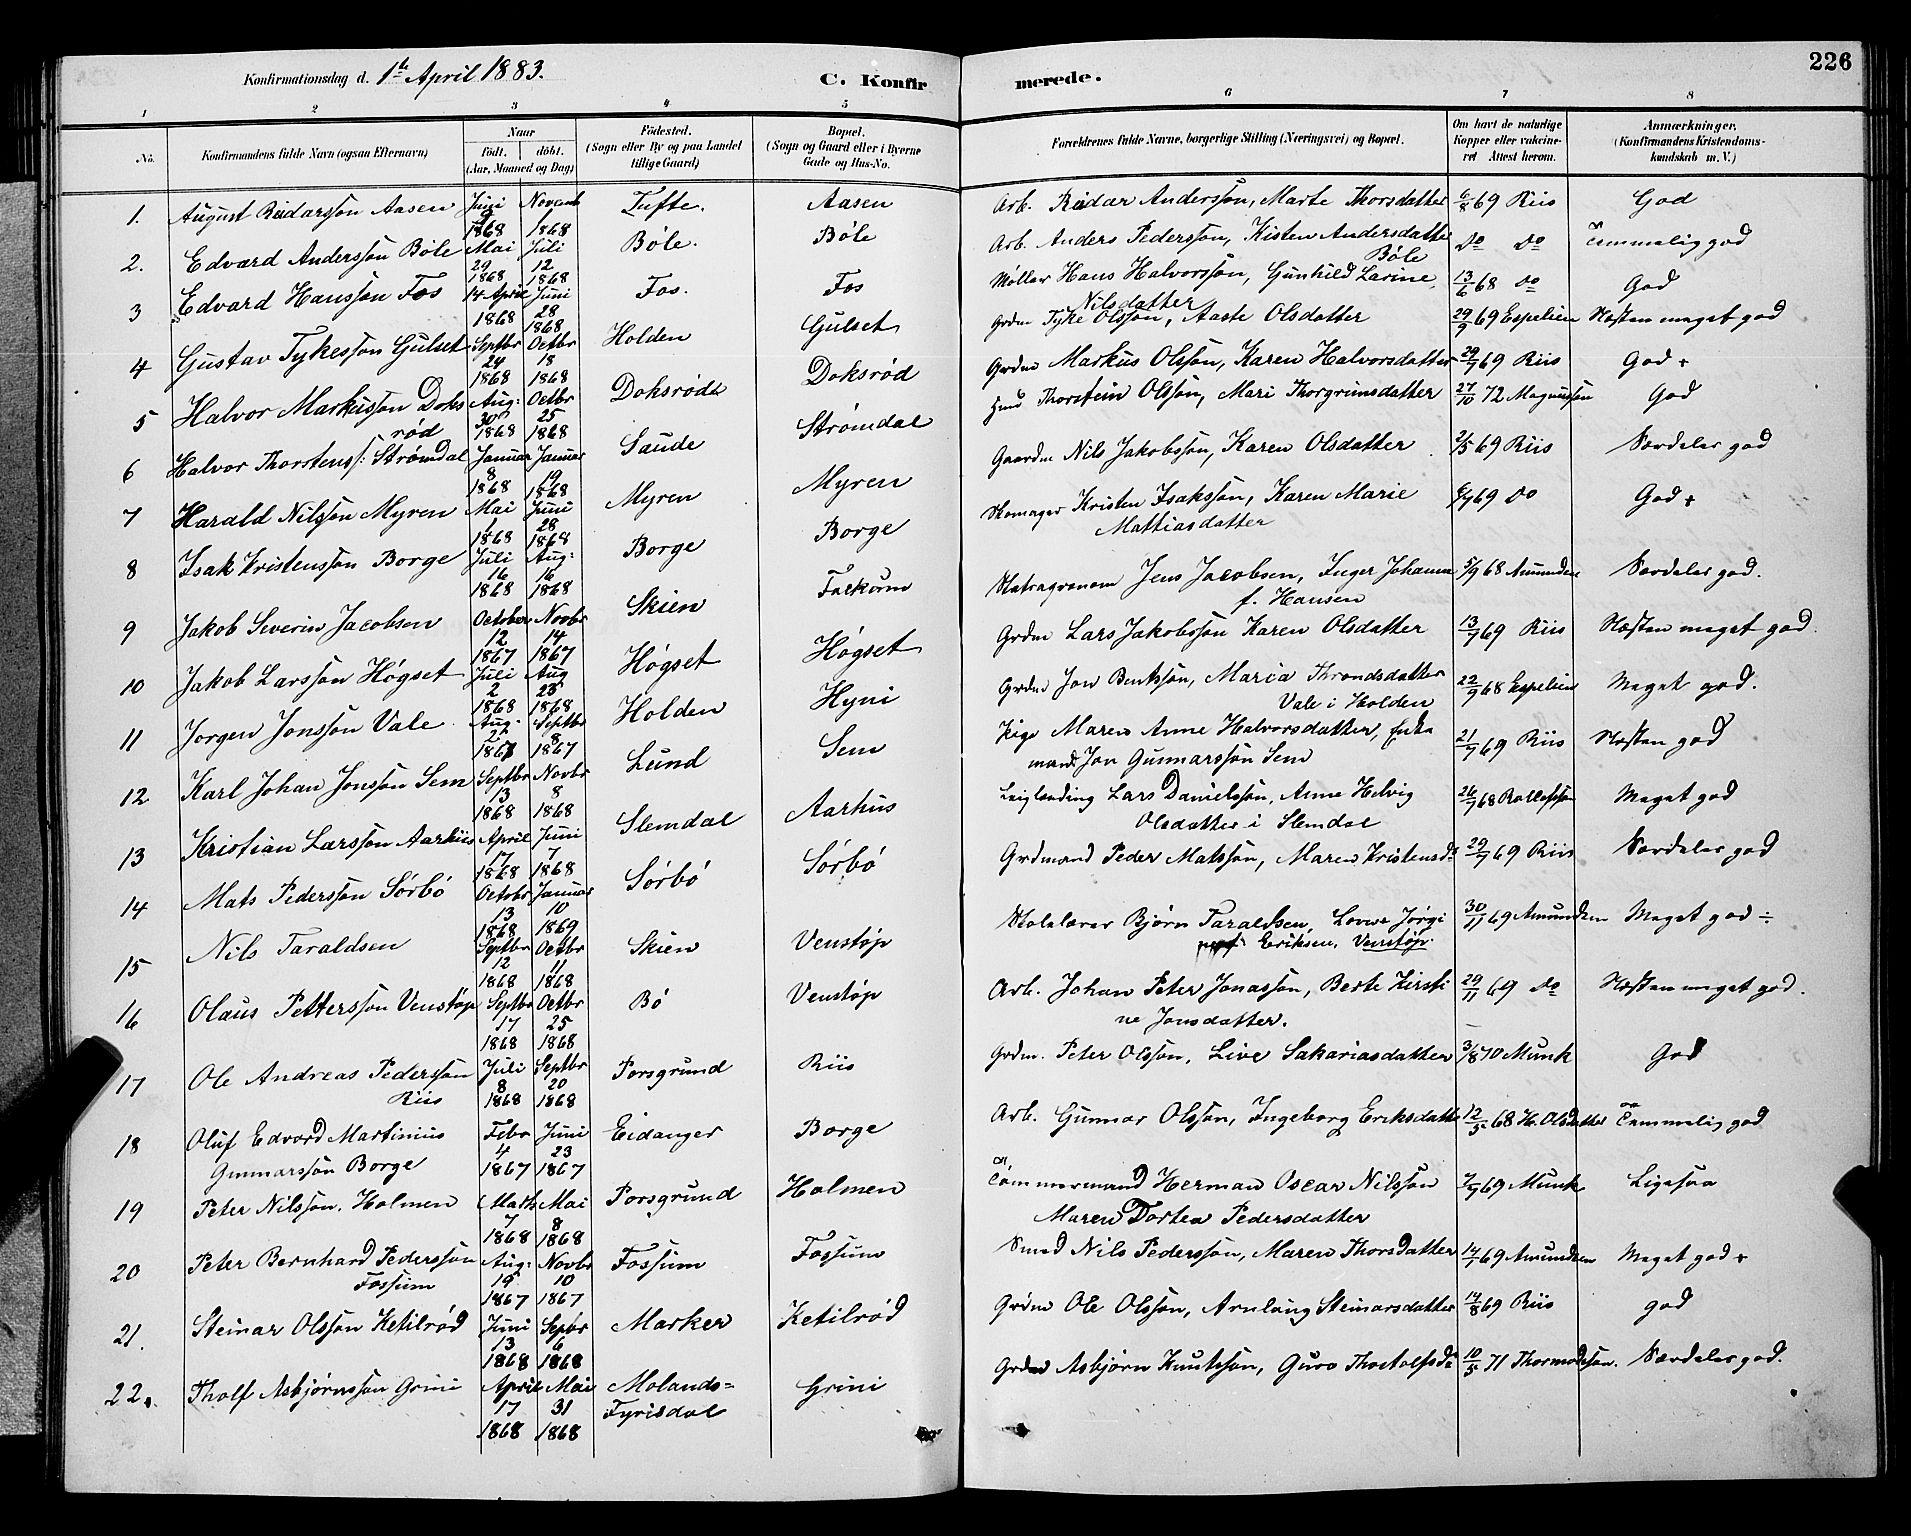 SAKO, Gjerpen kirkebøker, G/Ga/L0002: Klokkerbok nr. I 2, 1883-1900, s. 226